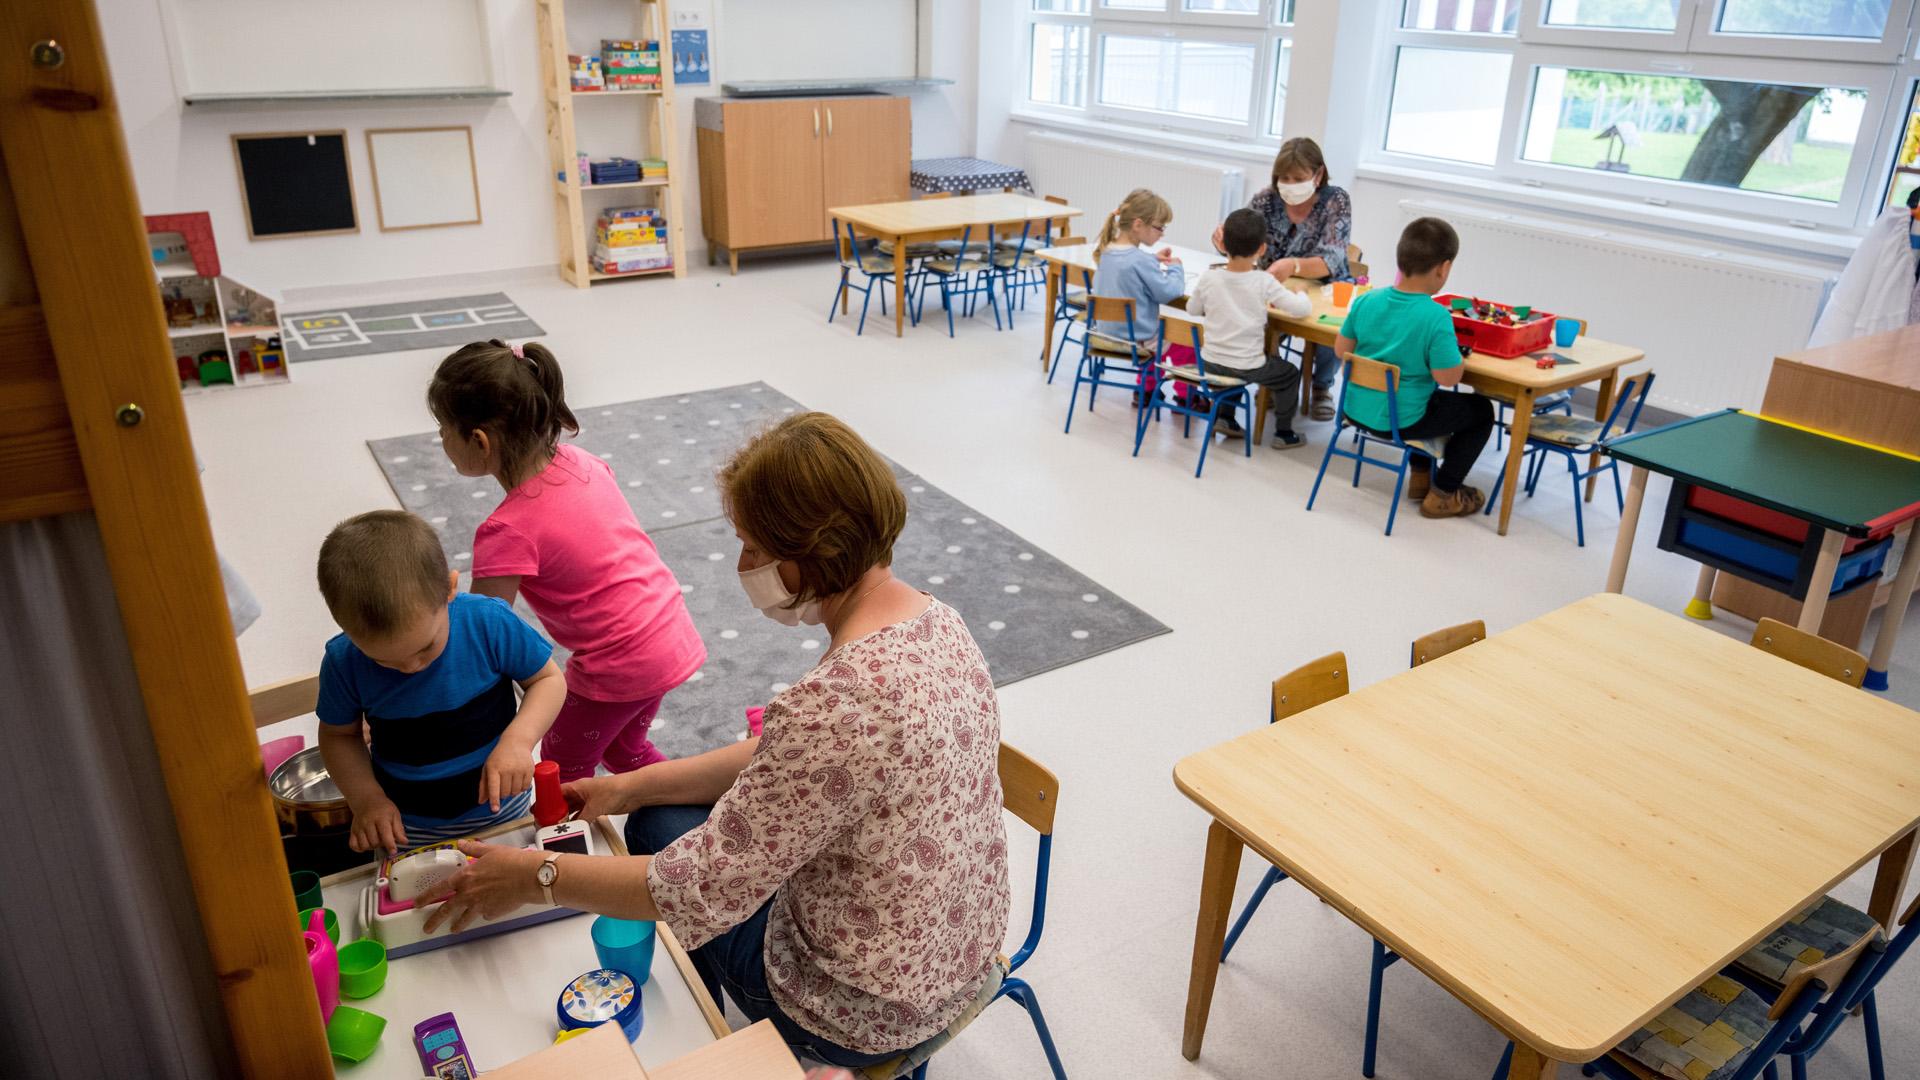 Vigyük oviba, iskolába a gyereket vagy ne?